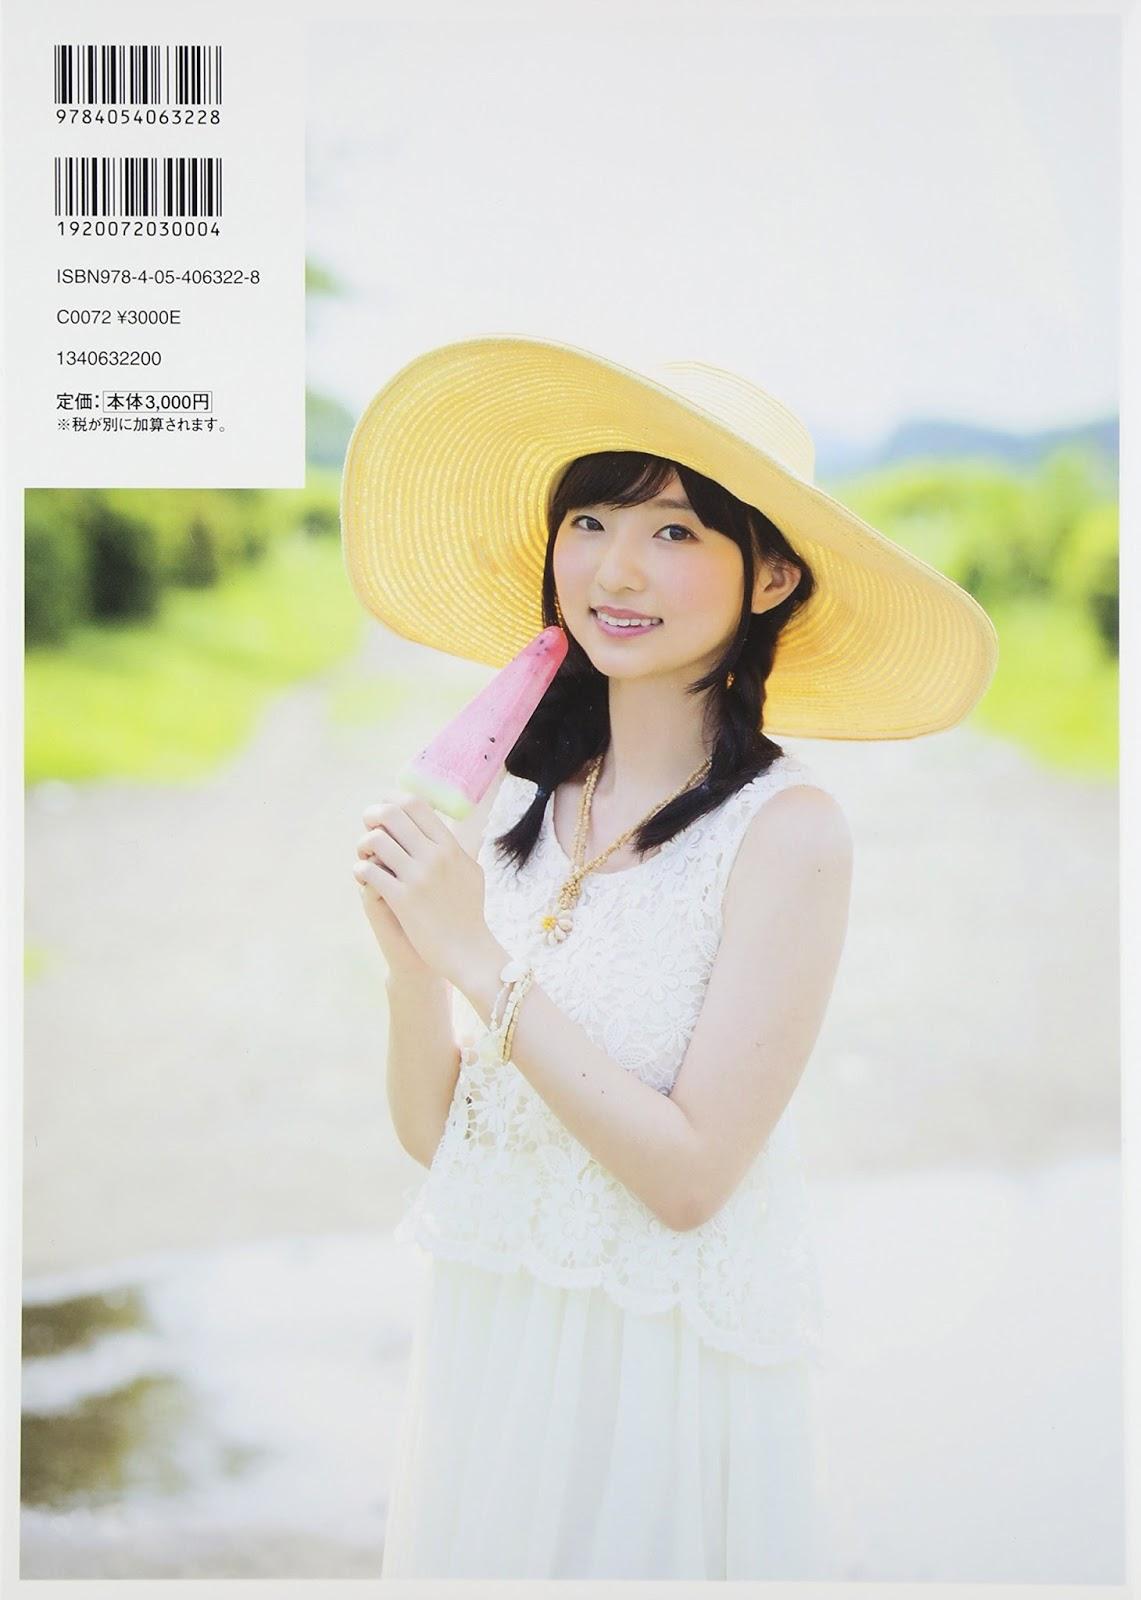 田中美海の画像 p1_22